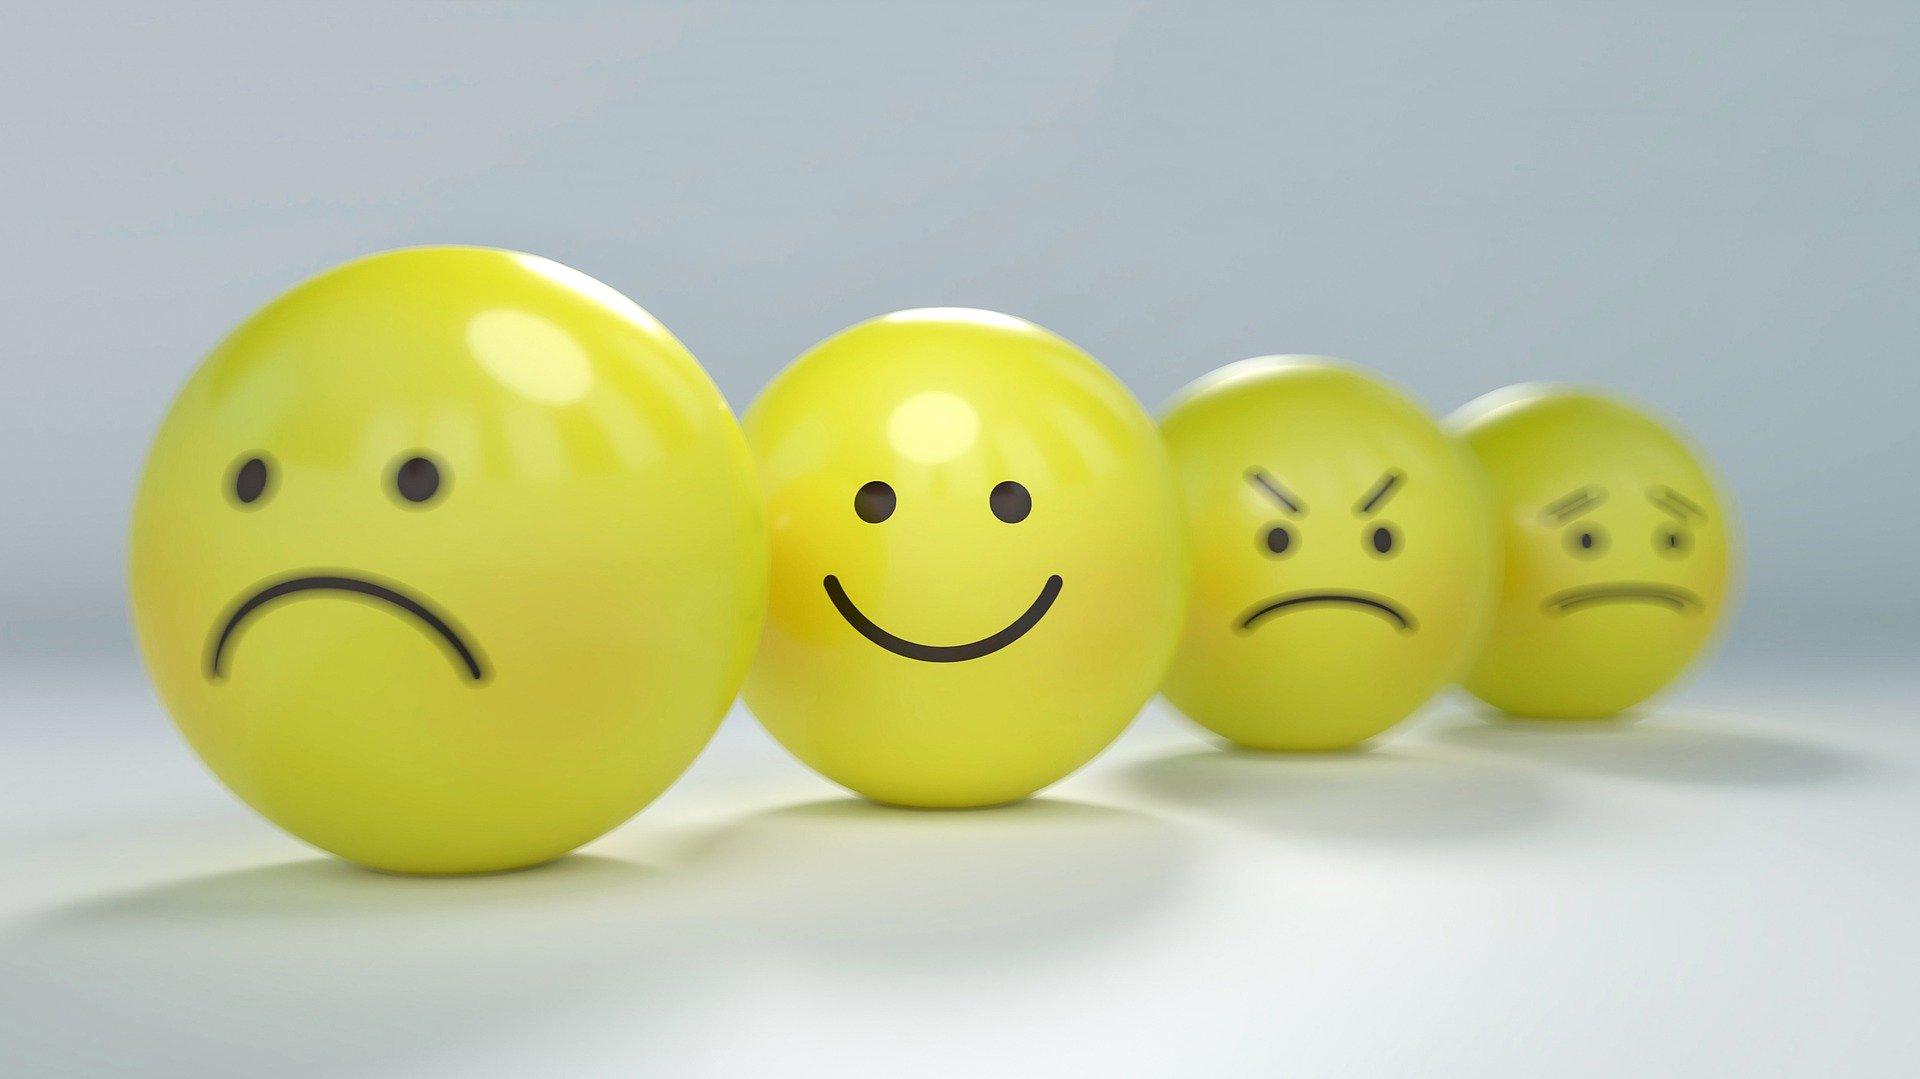 Confinement : Traverser les émotions qui nous submergent